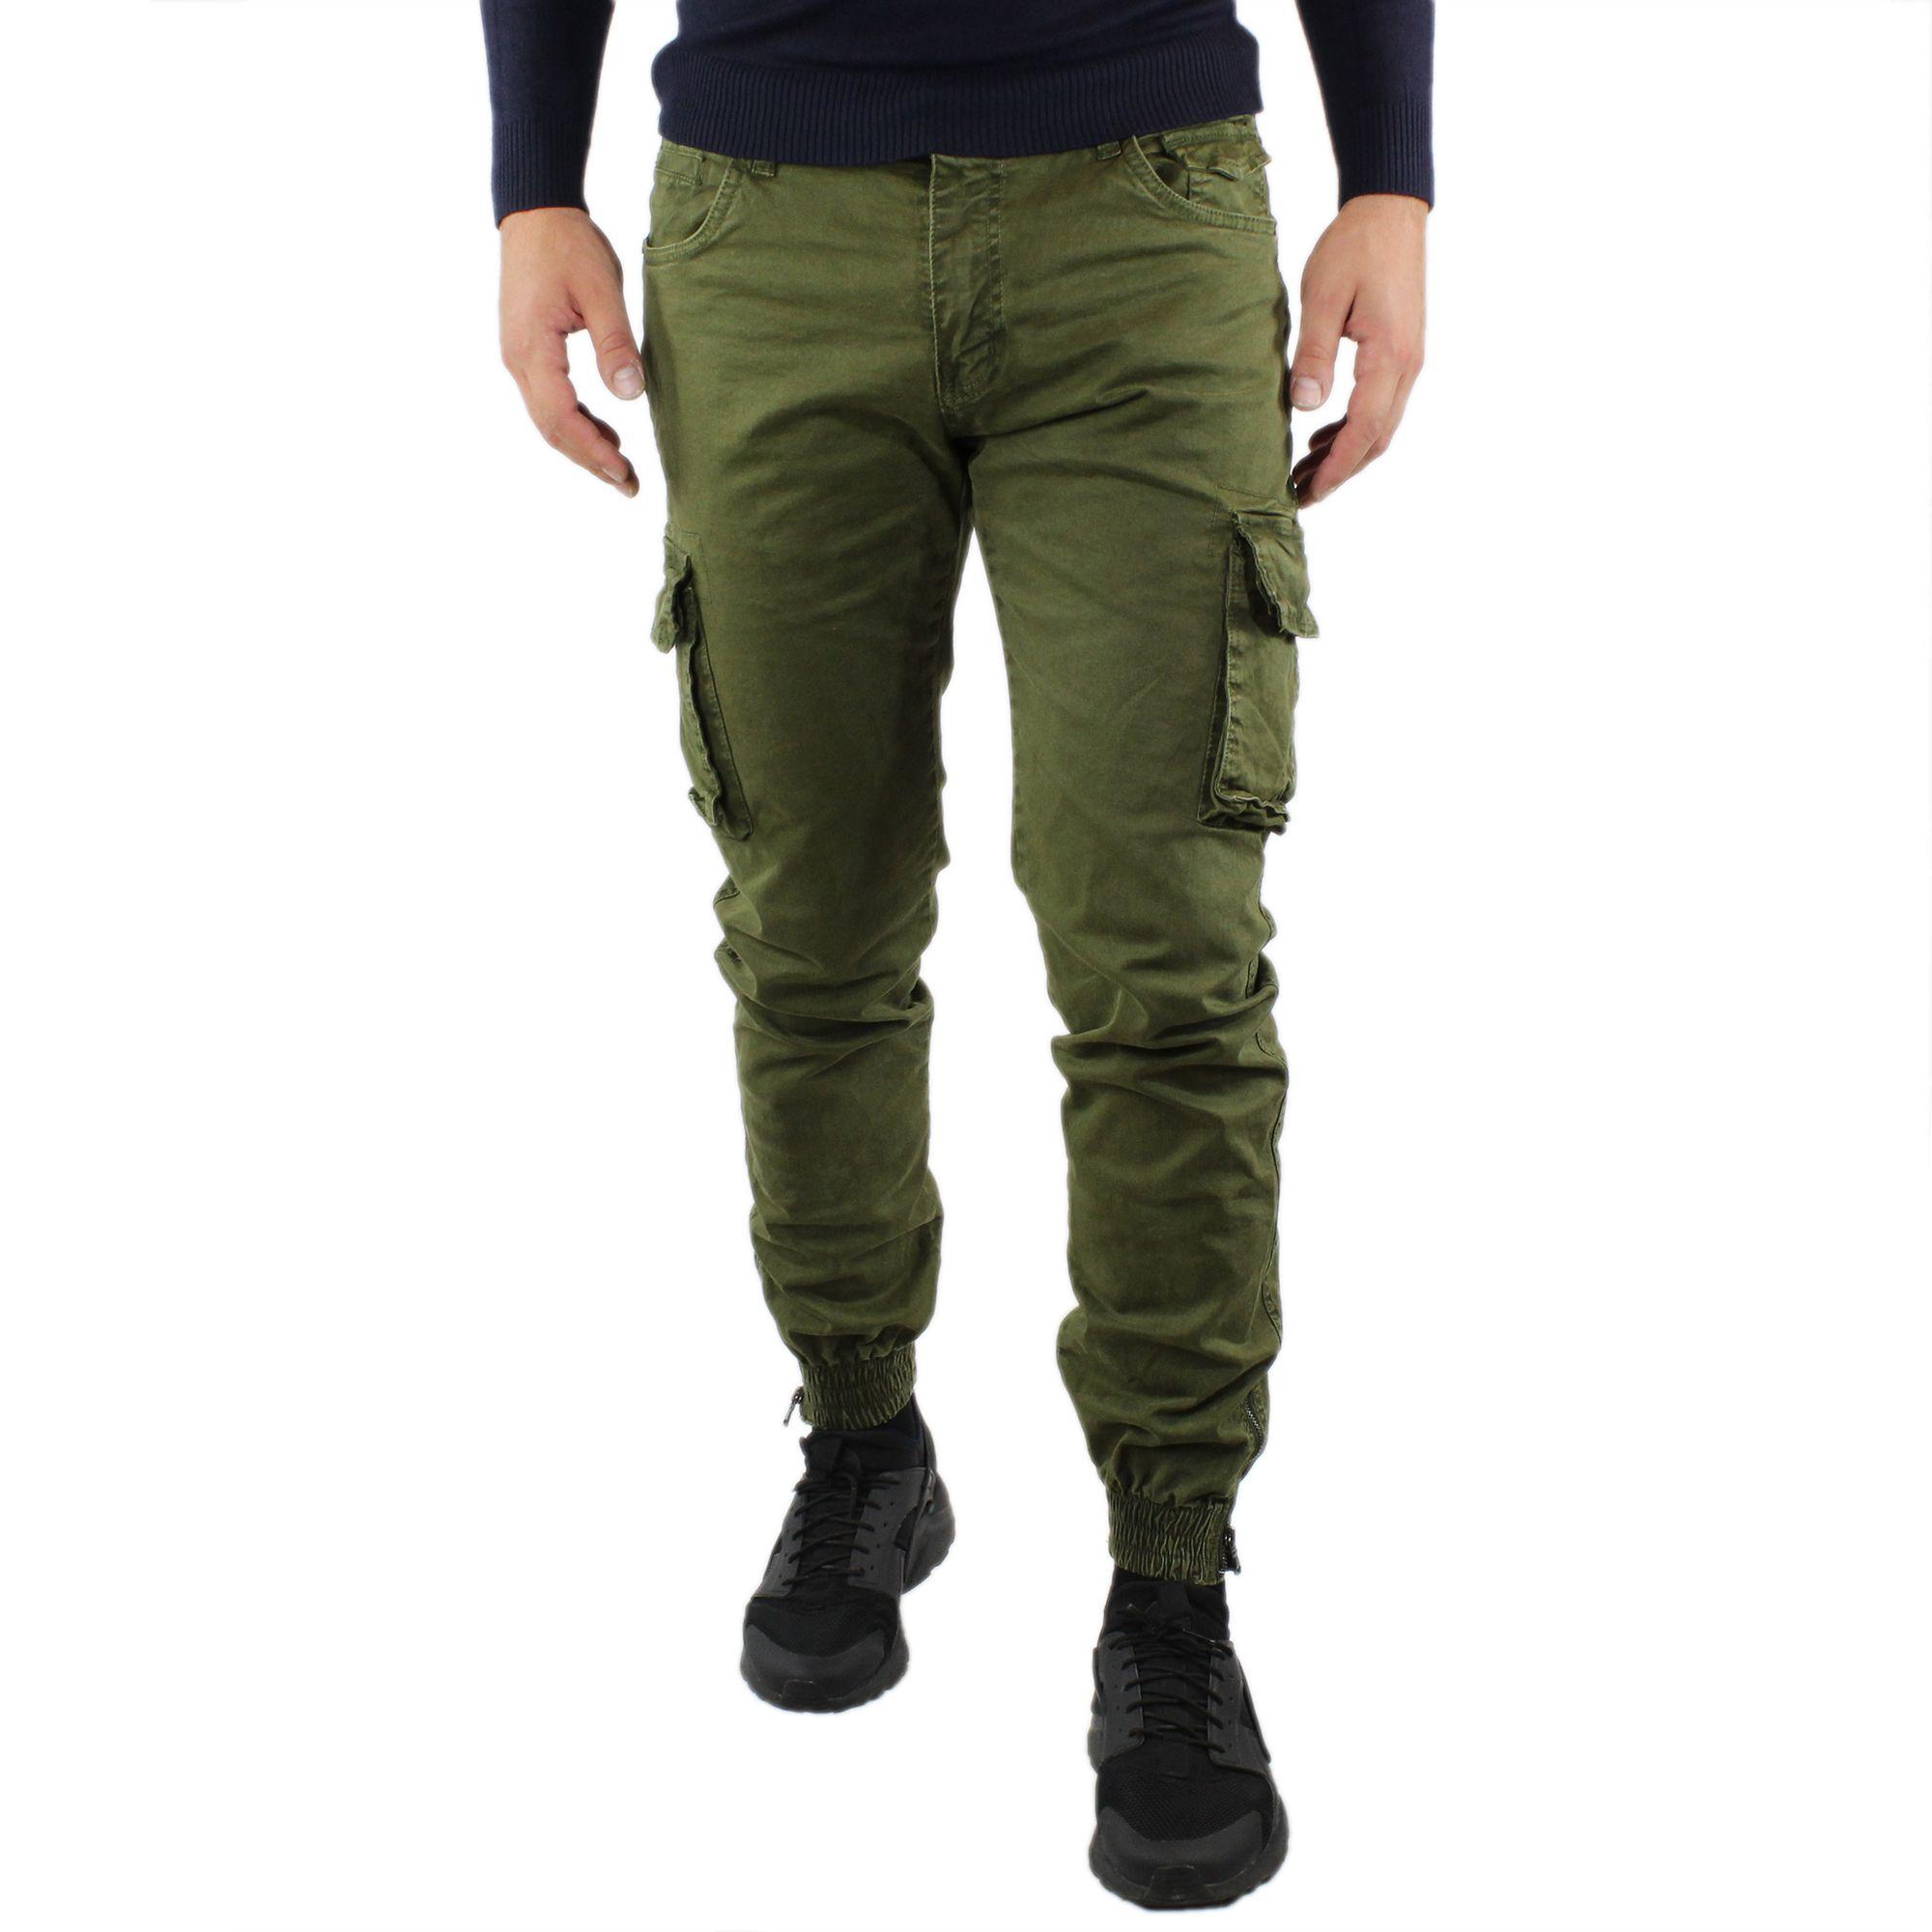 Pantaloni-Cargo-Uomo-Invernale-Tasche-Laterali-Cotone-Slim-Fit-Tasconi-Casual miniatura 11